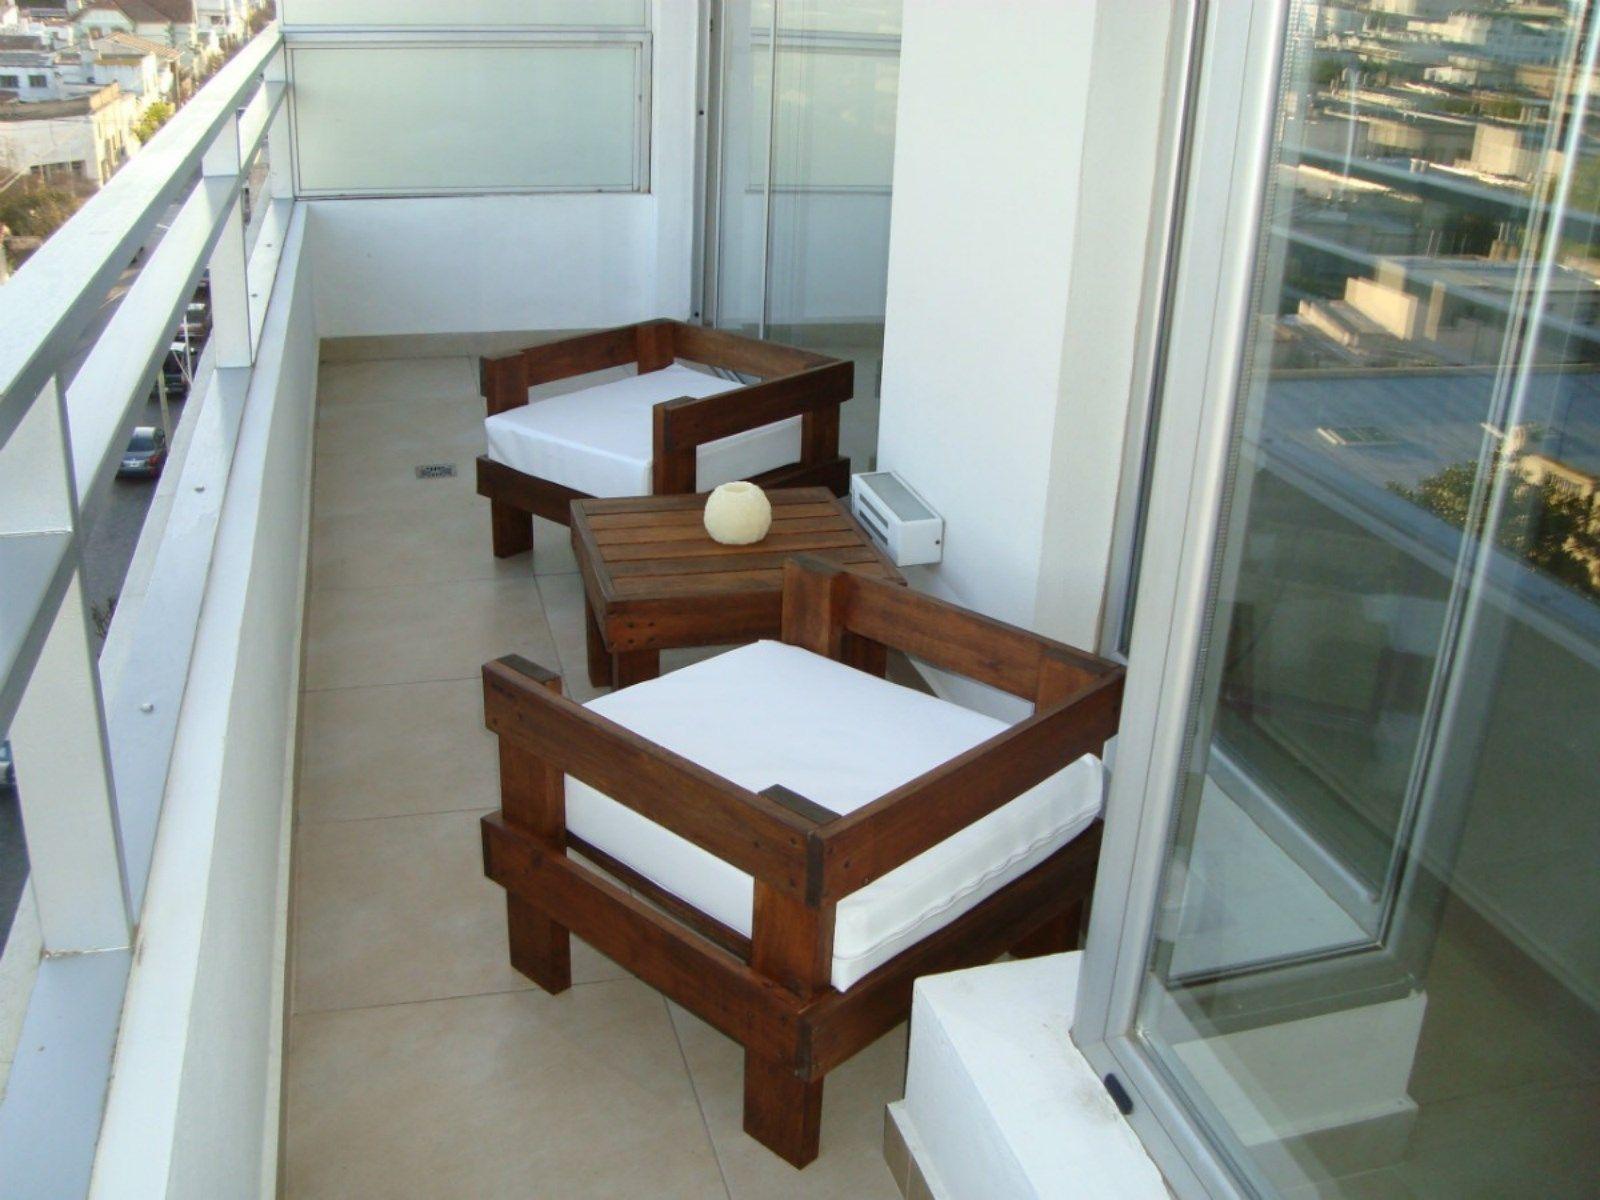 Juego de dos sillones individuales y una mesa ratona pensada para espacios reducidos como - Sillones para espacios reducidos ...